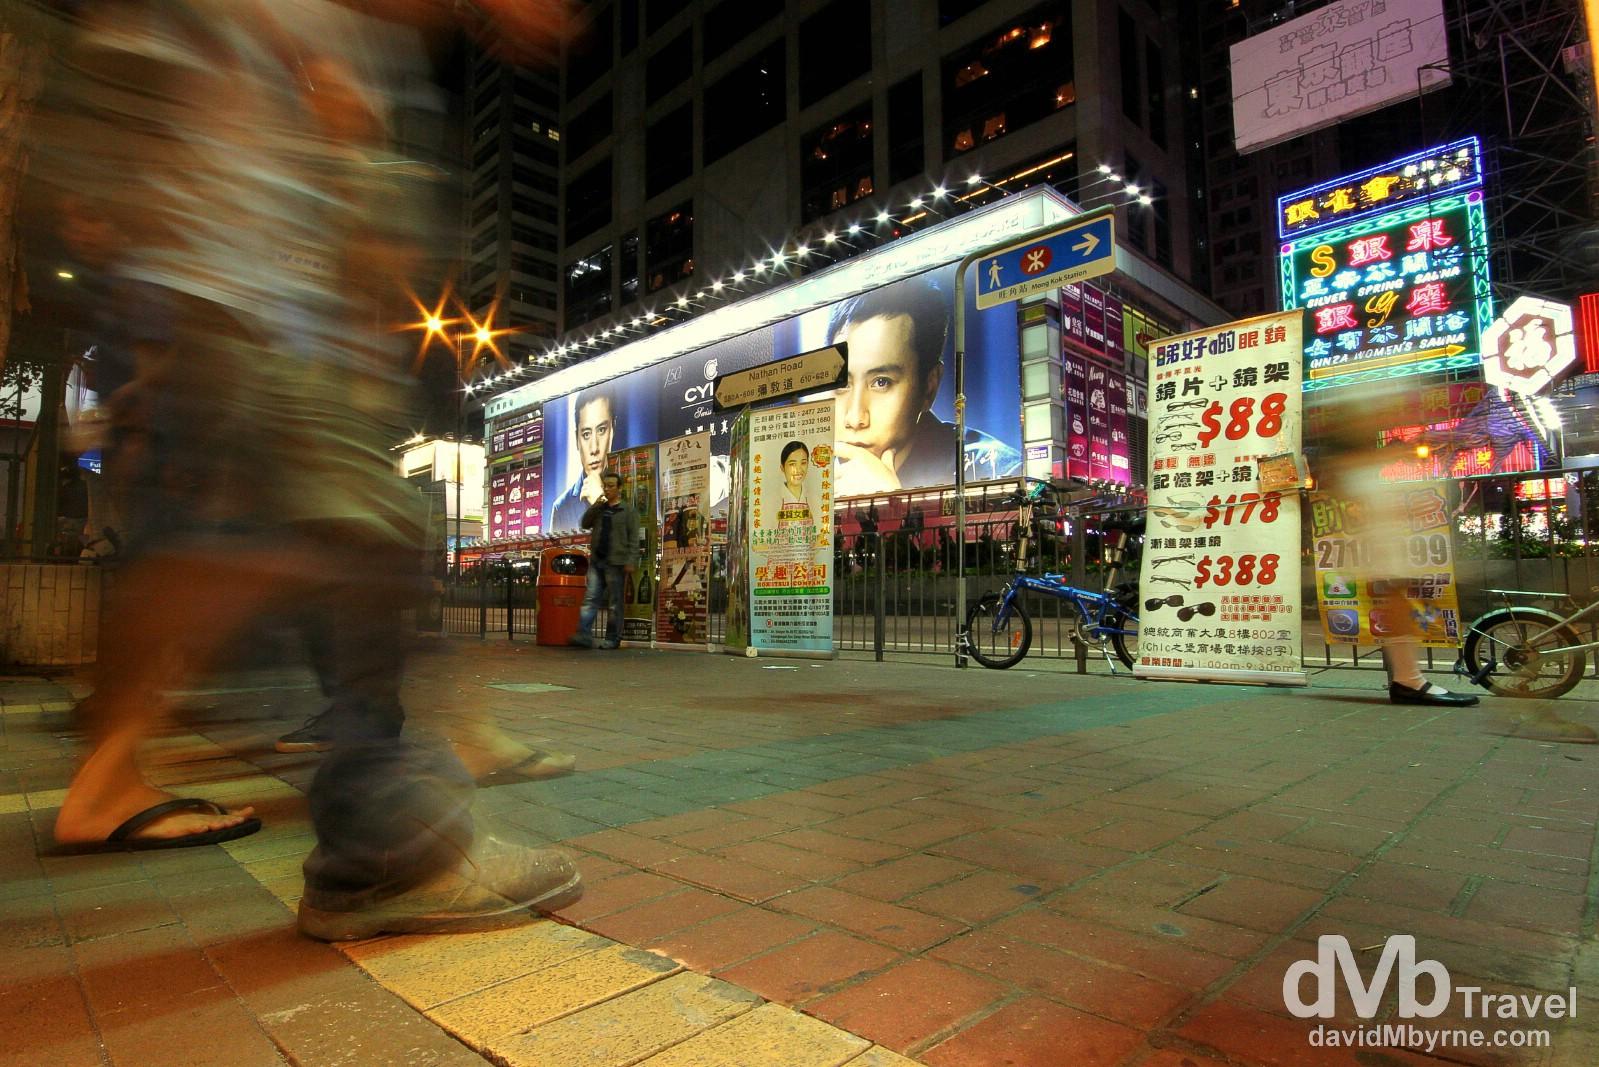 Nathan road near Mong Kong subway station, Kowloon, Hong Kong. October 18th 2012.